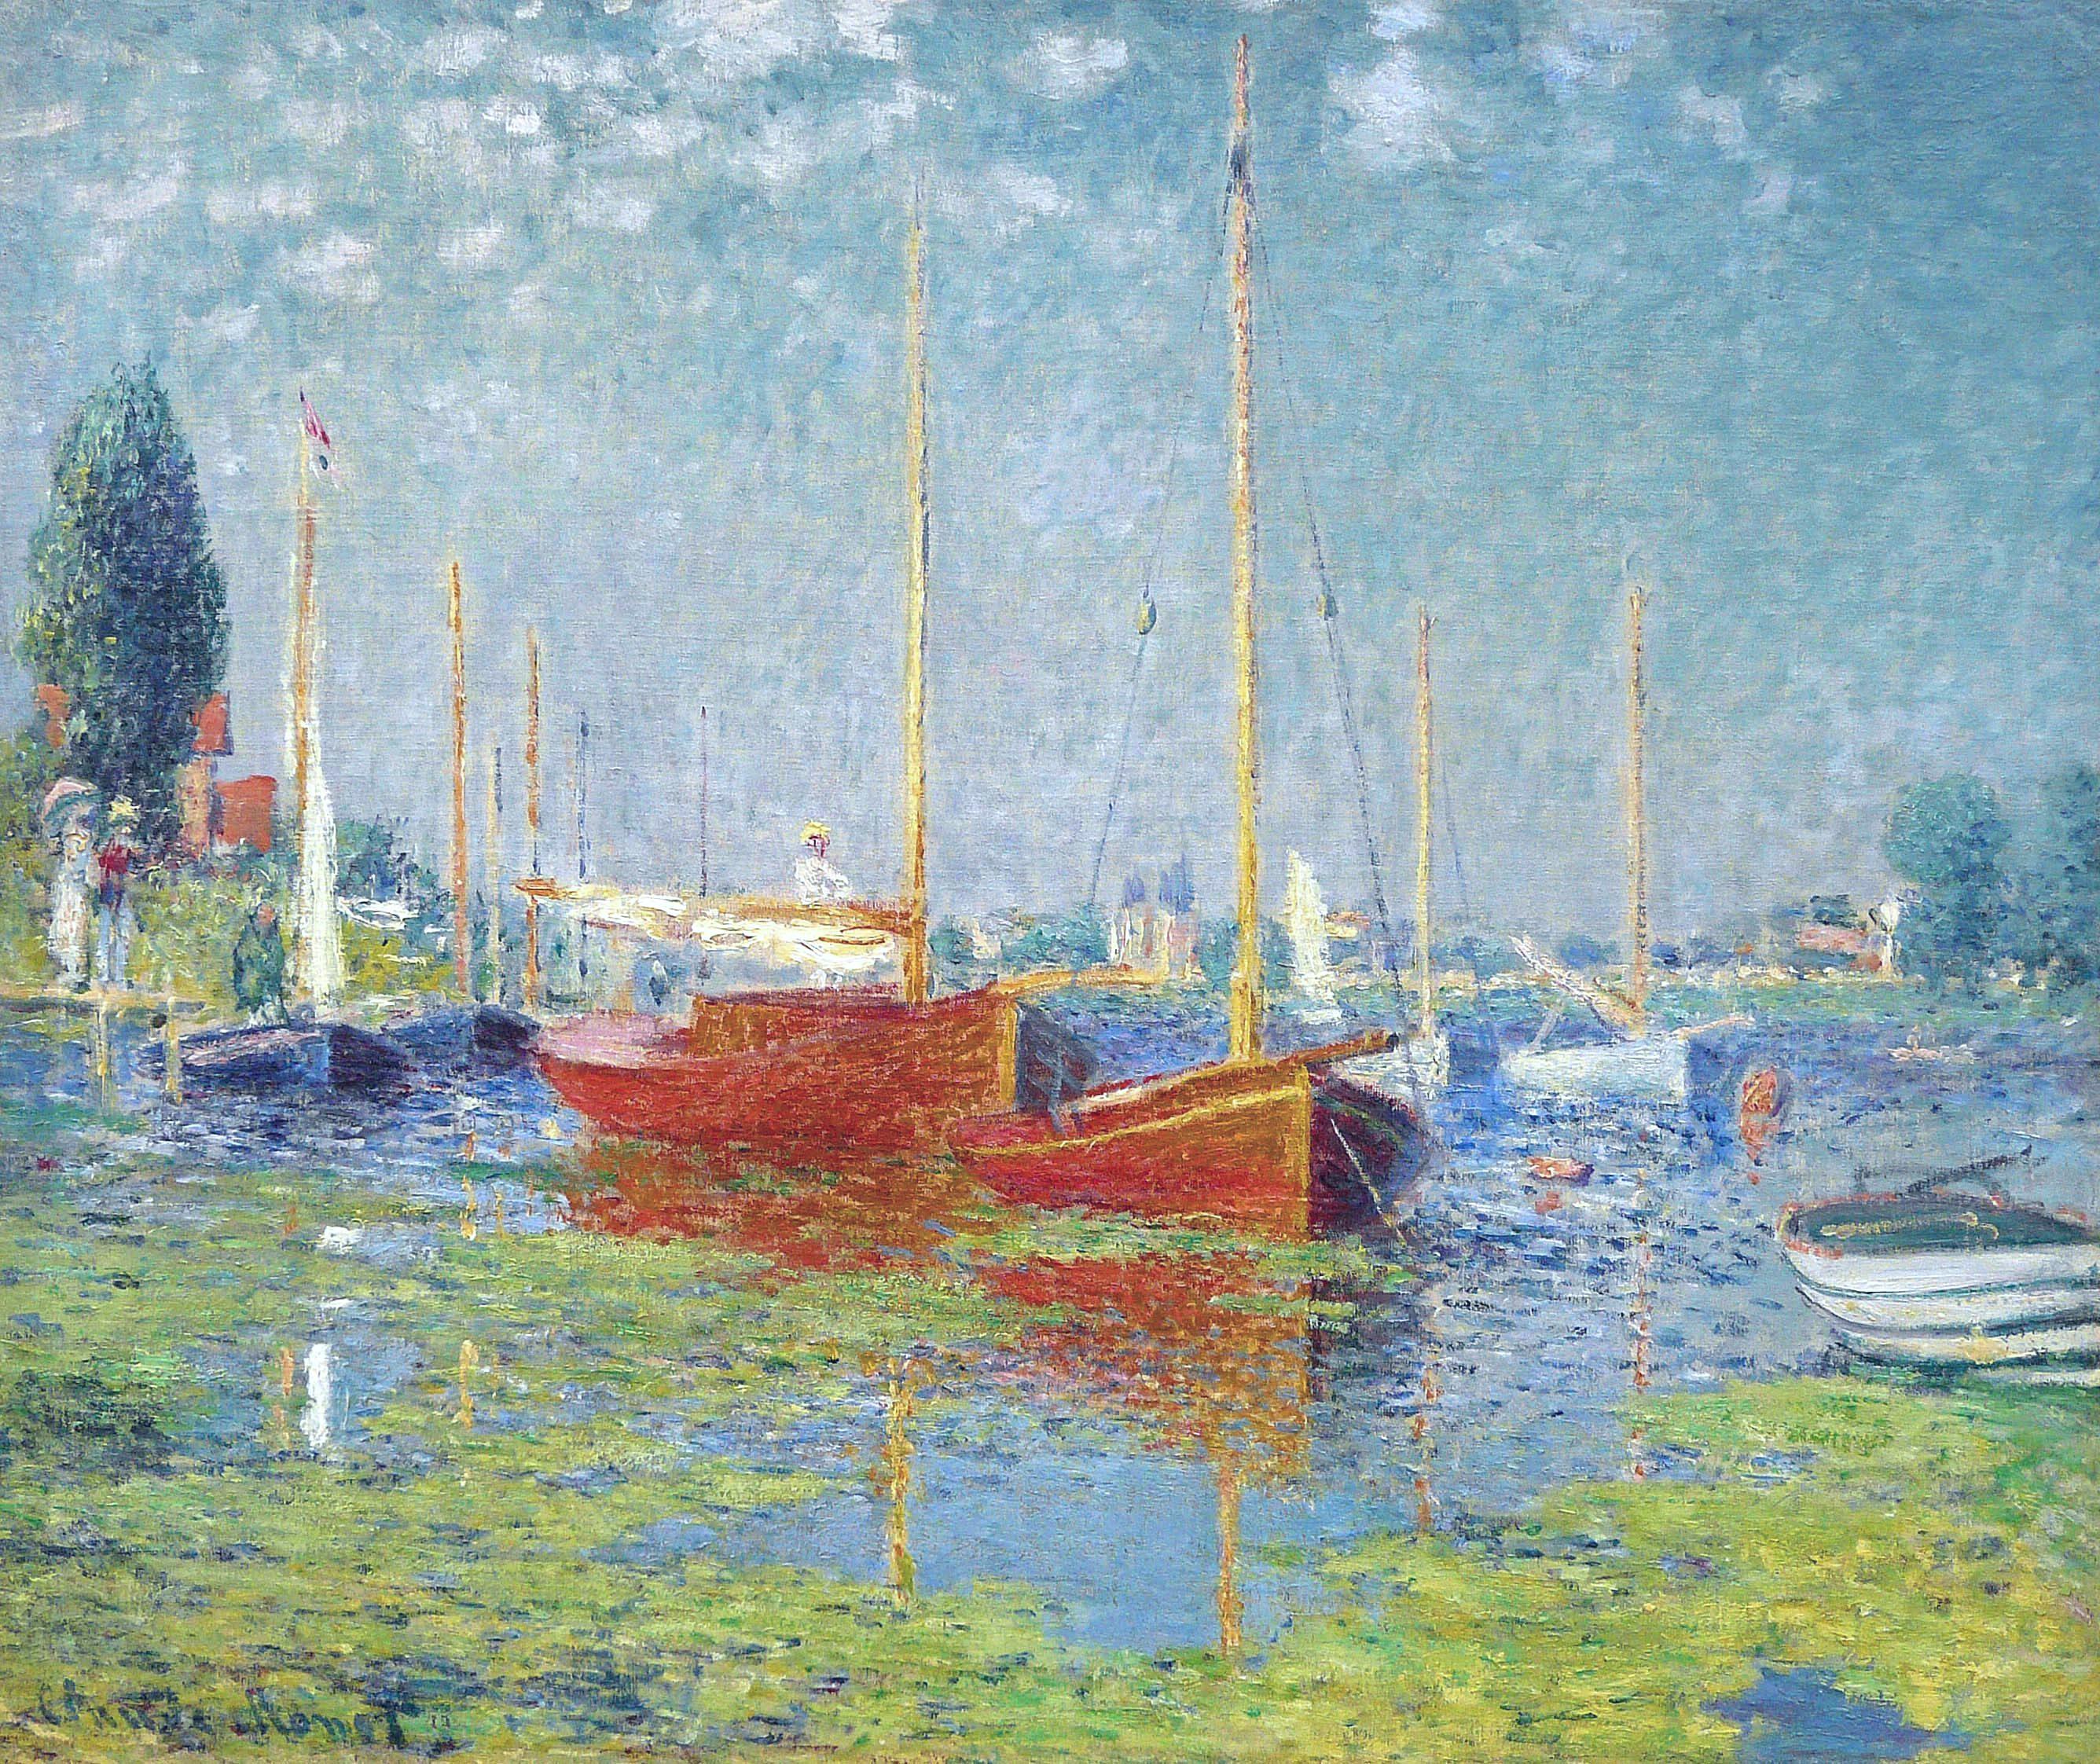 Claude Monet - Argenteuil. Yachts, 1875